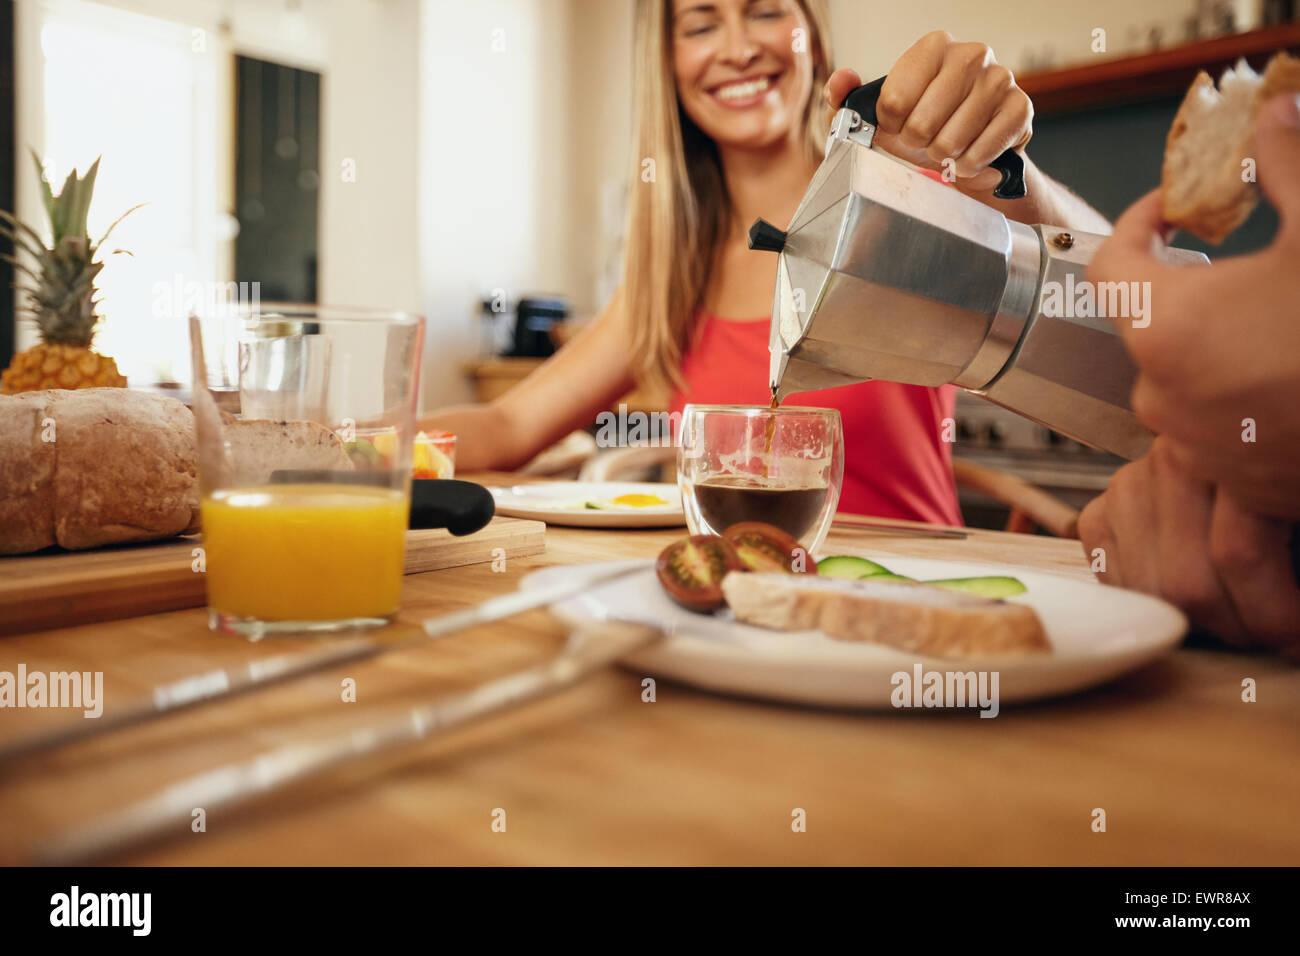 Disparo de interior de mujer vertiendo el café en una taza. Mujer sonriente mientras servía el desayuno Imagen De Stock